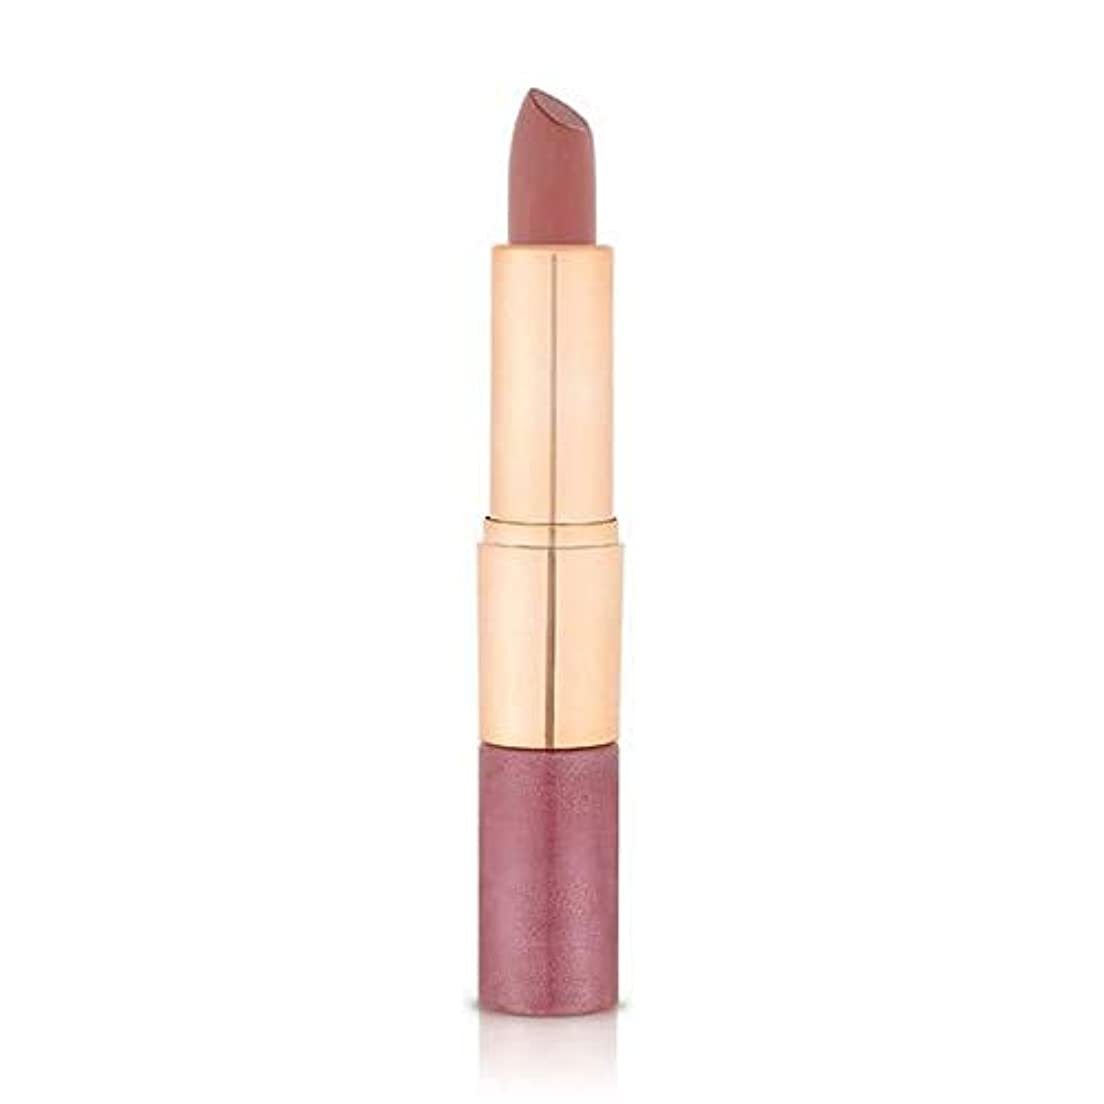 広がり系譜ピクニック[Flower Beauty ] 花の美しさのミックスN」はマットリップスティックデュオピンクくすぐら687 - Flower Beauty Mix N' Matte Lipstick Duo Tickled Pink...